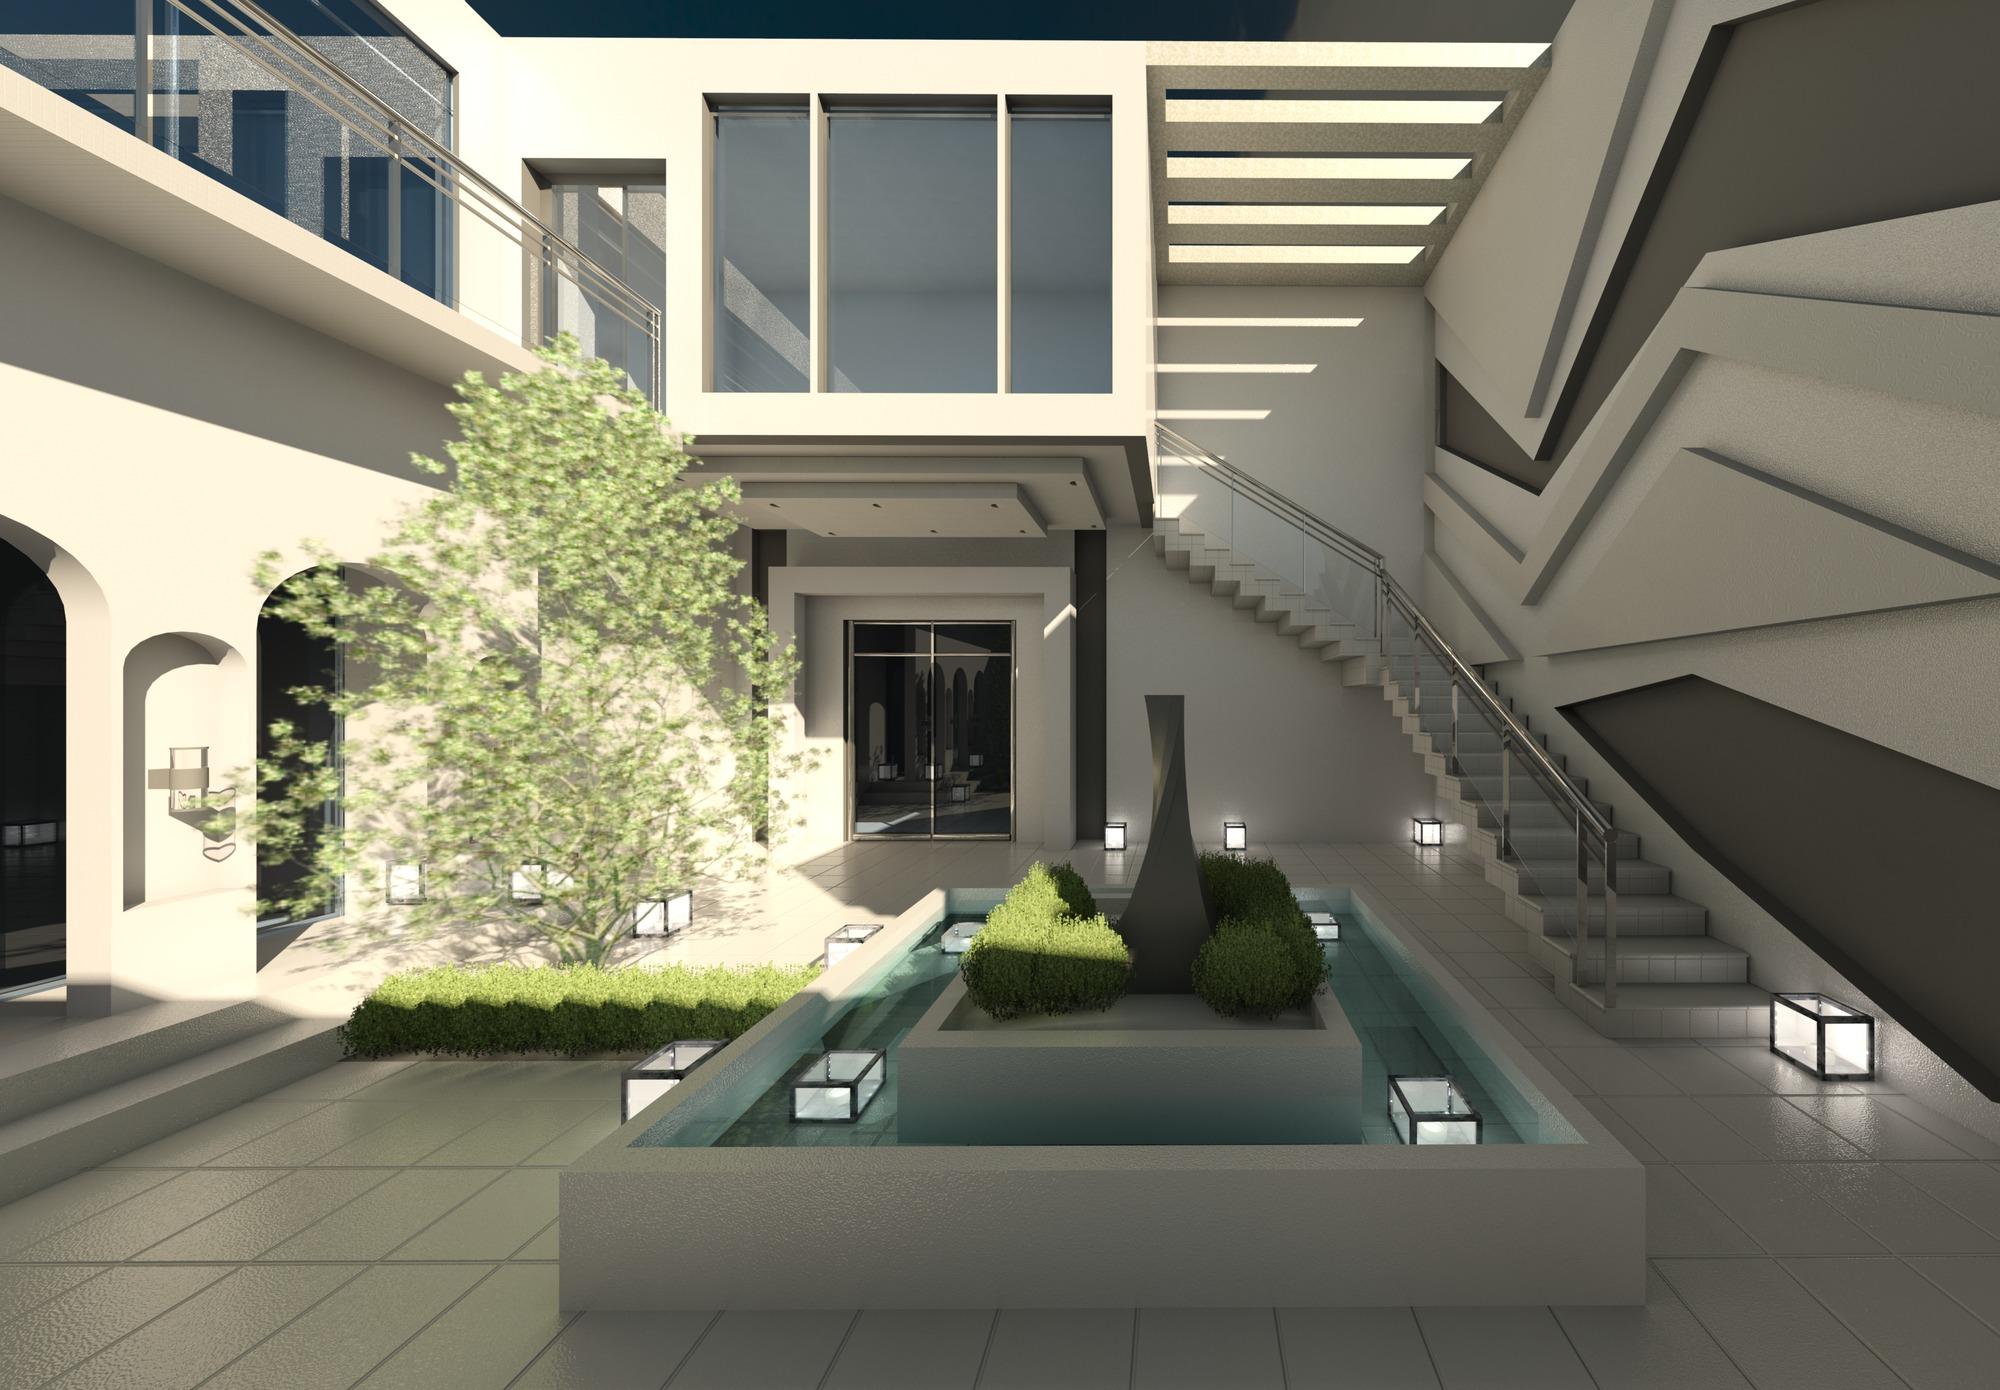 Raas-rendering20141006-6698-1aa1gw4